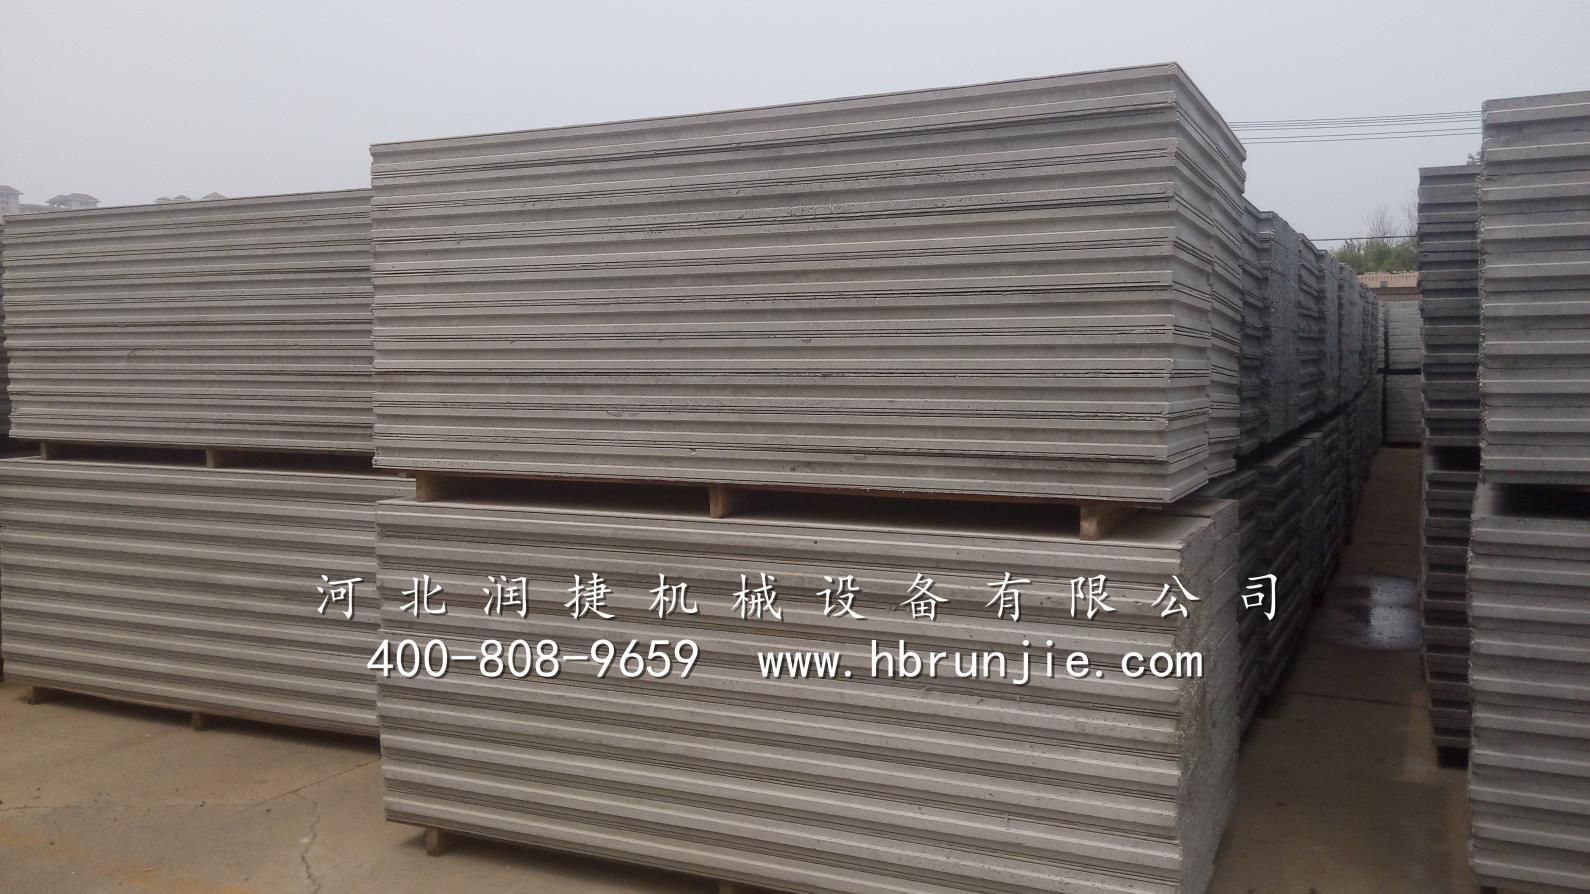 板侧的凹凸槽结构使墙板与墙板拼接后具有很强的整体